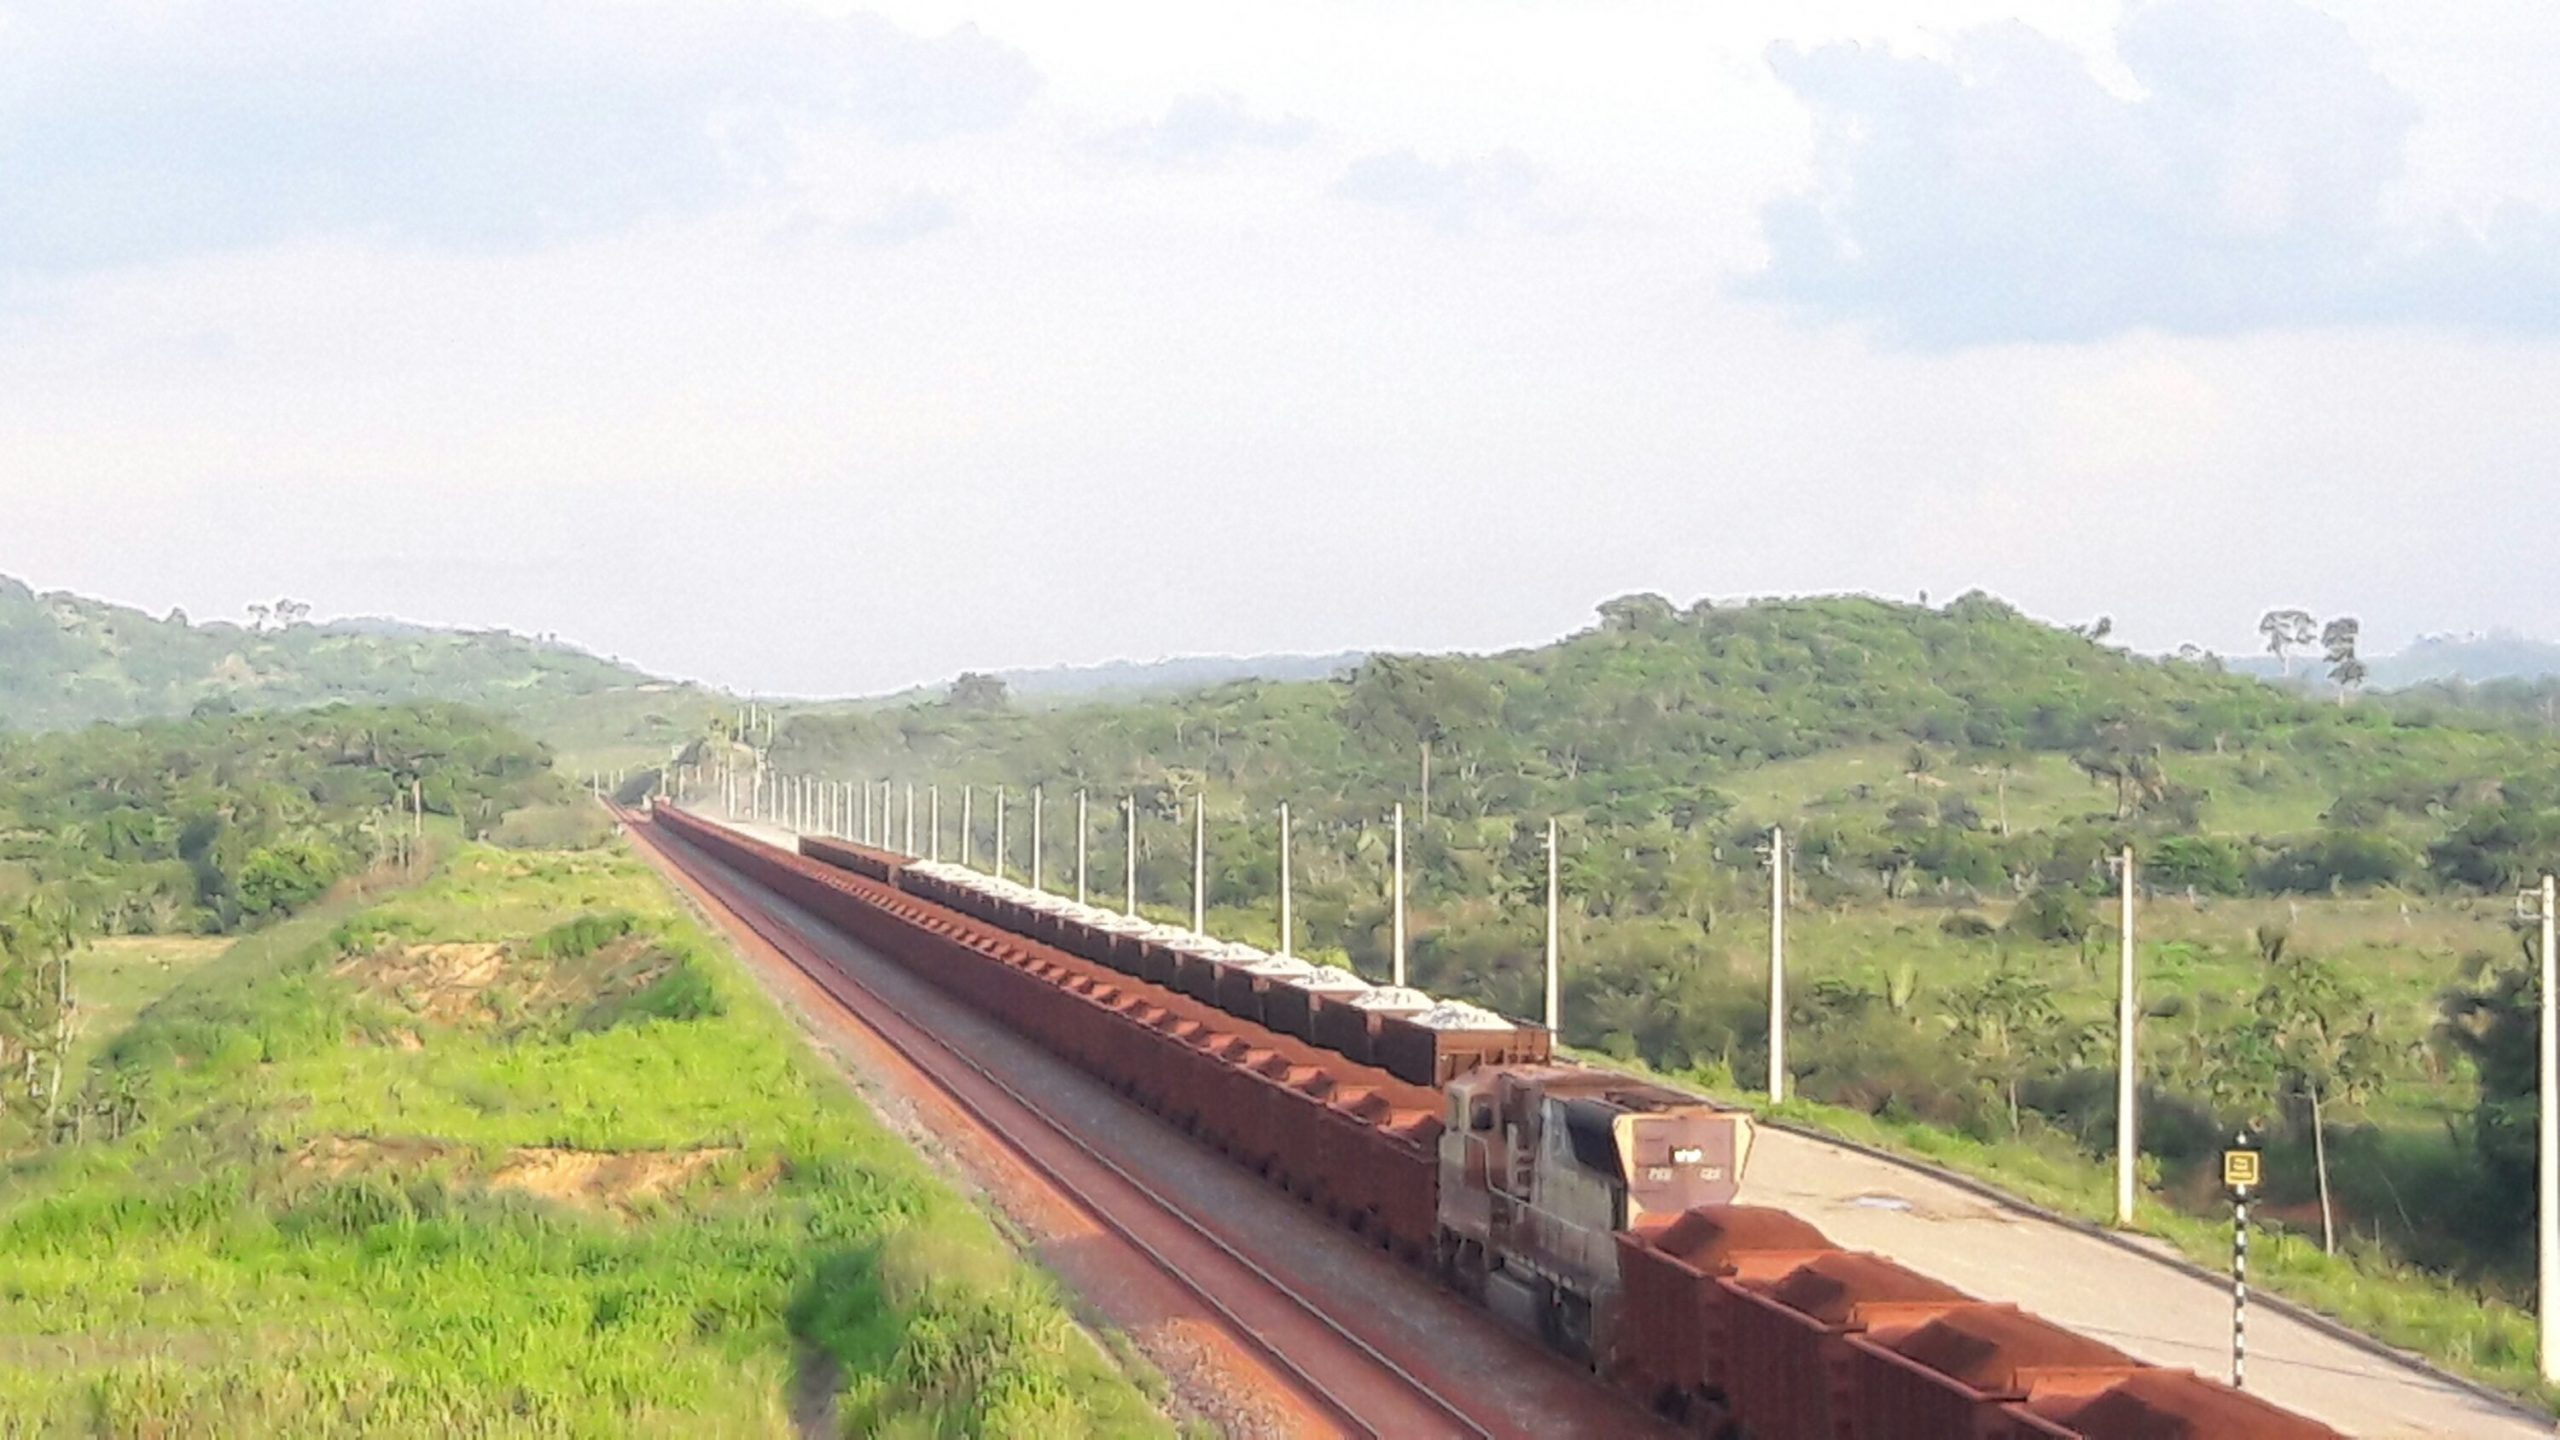 Trem sobre a linha de ferro do S11D. Foto: Jorge Clésio